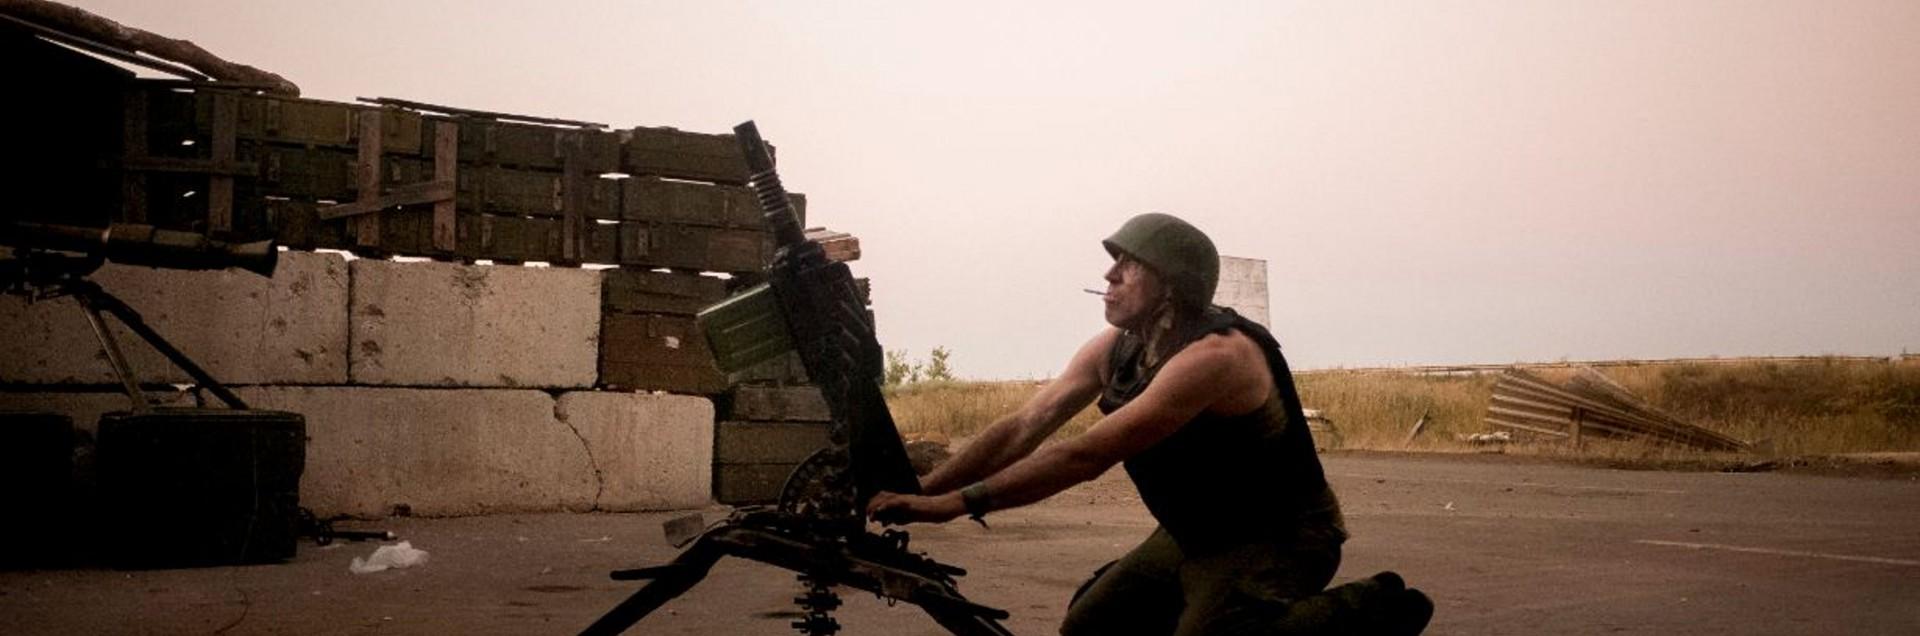 La battaglia di Donetsk